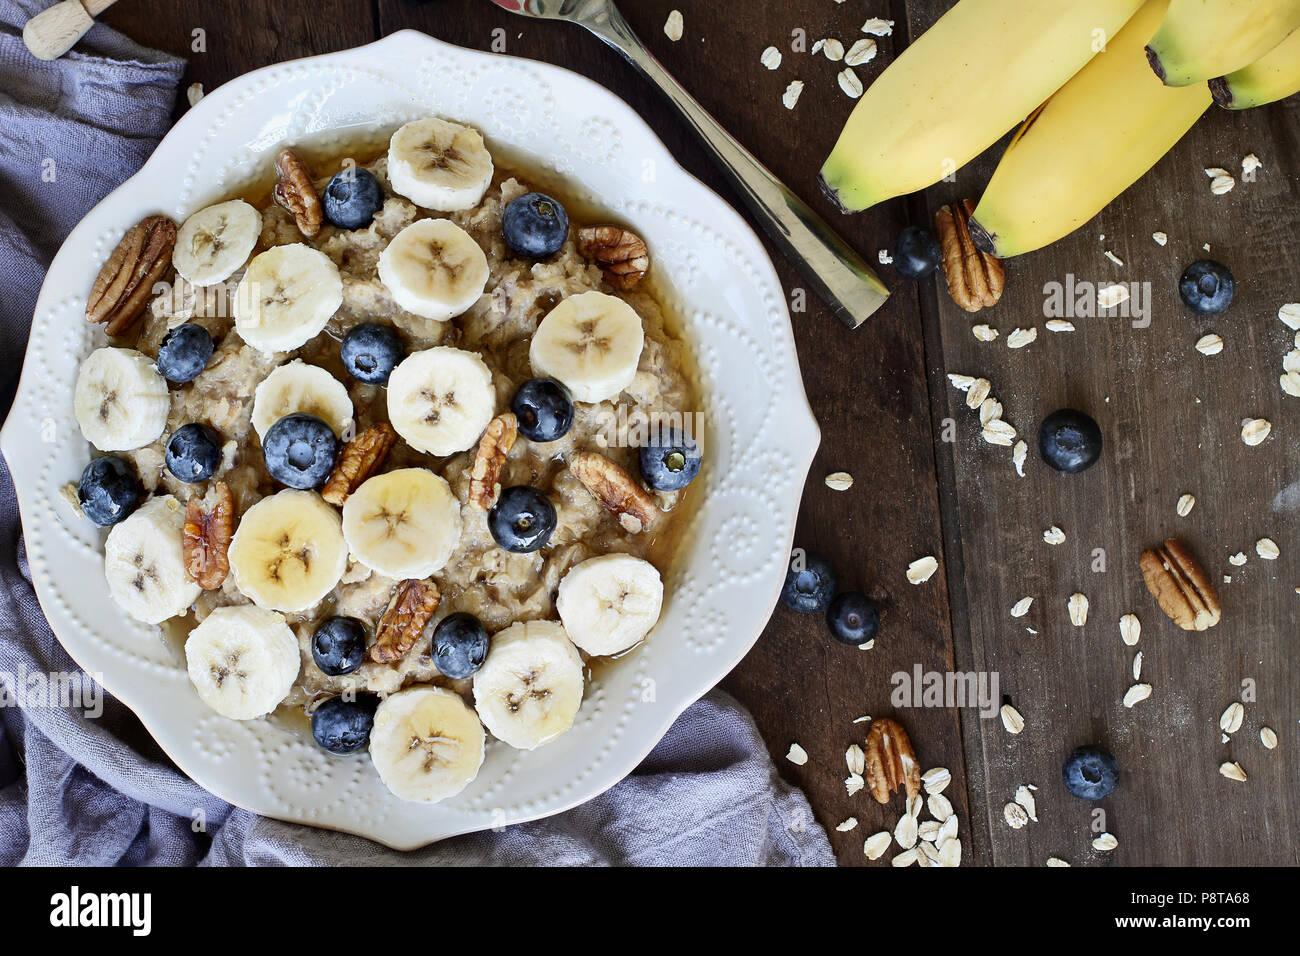 Warmes Frühstück der gesunden Hafermehl mit Pekannüssen, Bananen, Blaubeeren und Honig über eine rustikale Hintergrund. Bild geschossen von Overhead. Stockbild